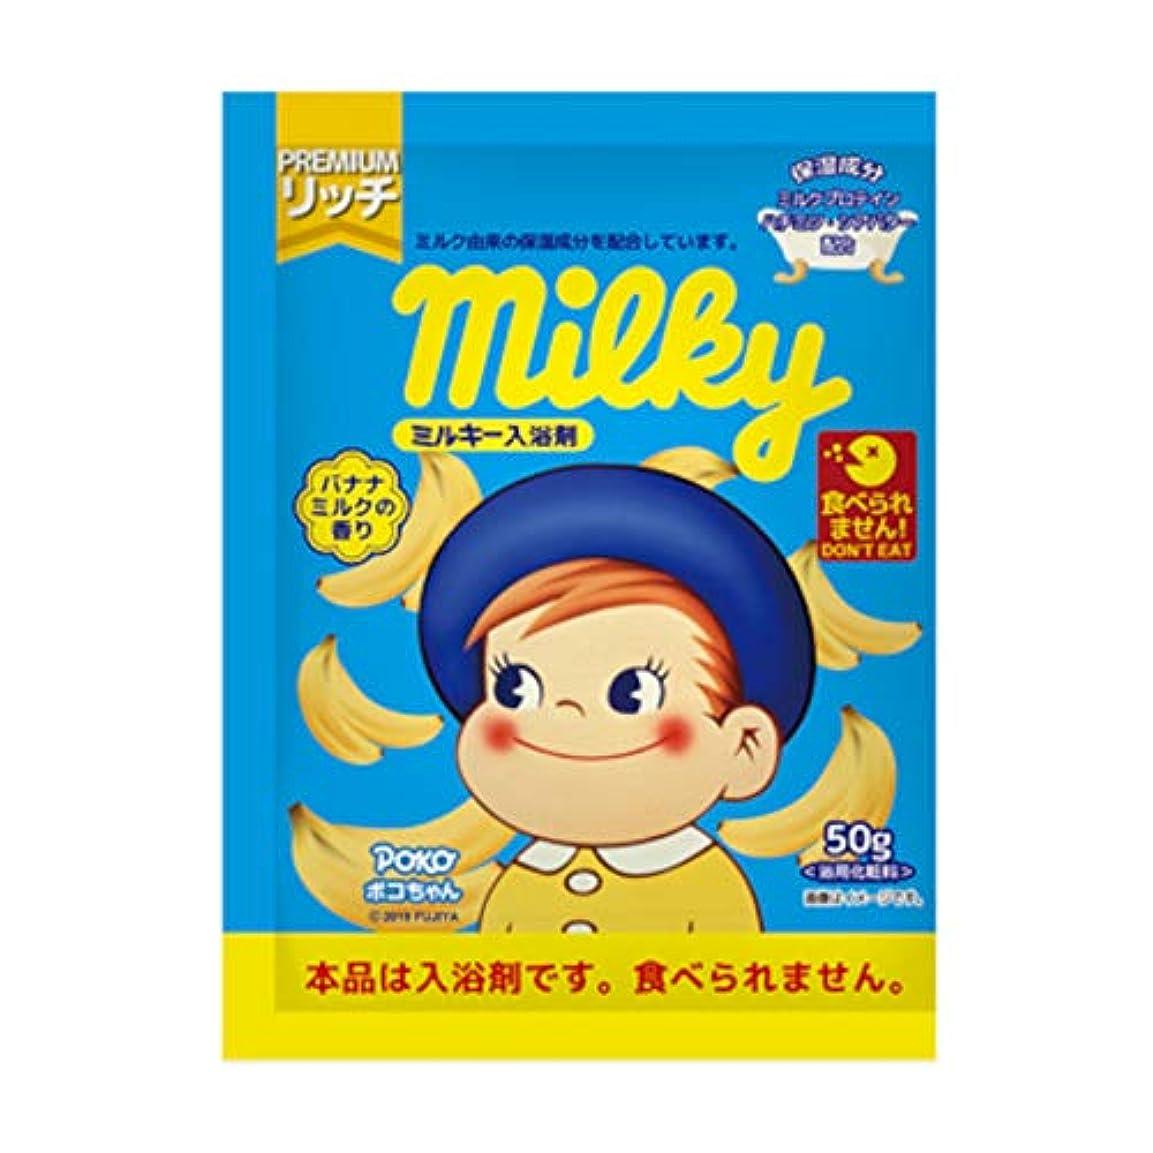 パスタバイソン先例ミルキー入浴剤 ポコちゃん バナナミルクの香り 50g N-8786